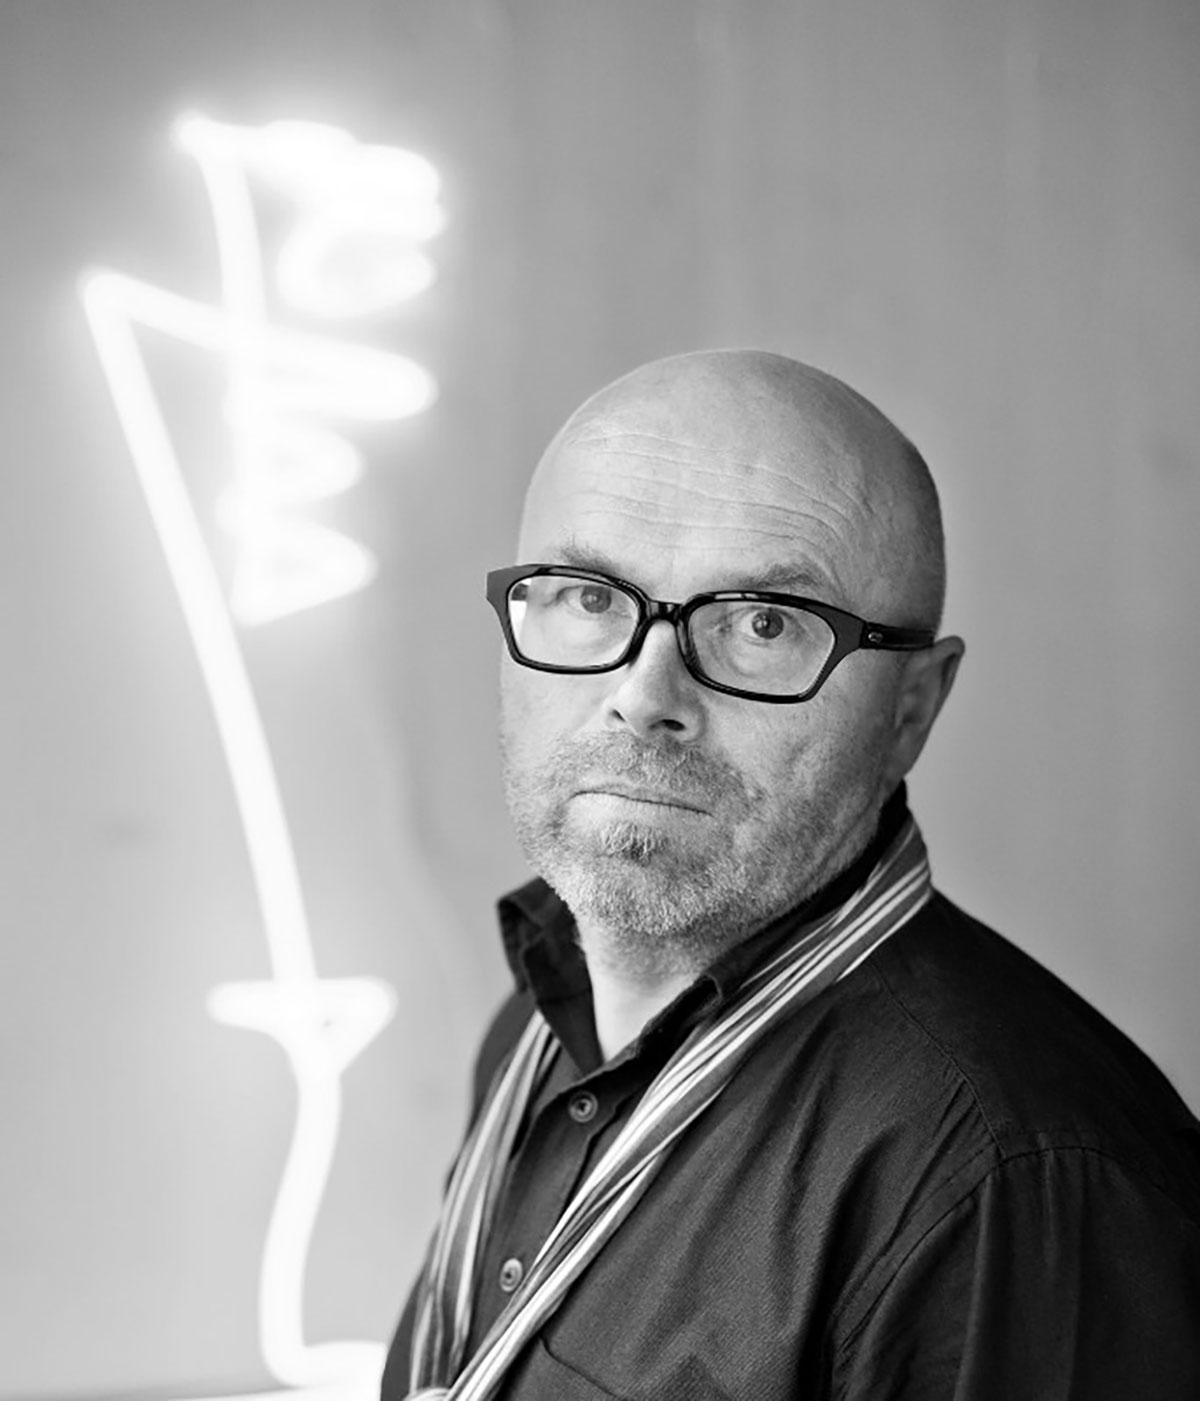 Franz_Betz_portrait-mit-licht_sw